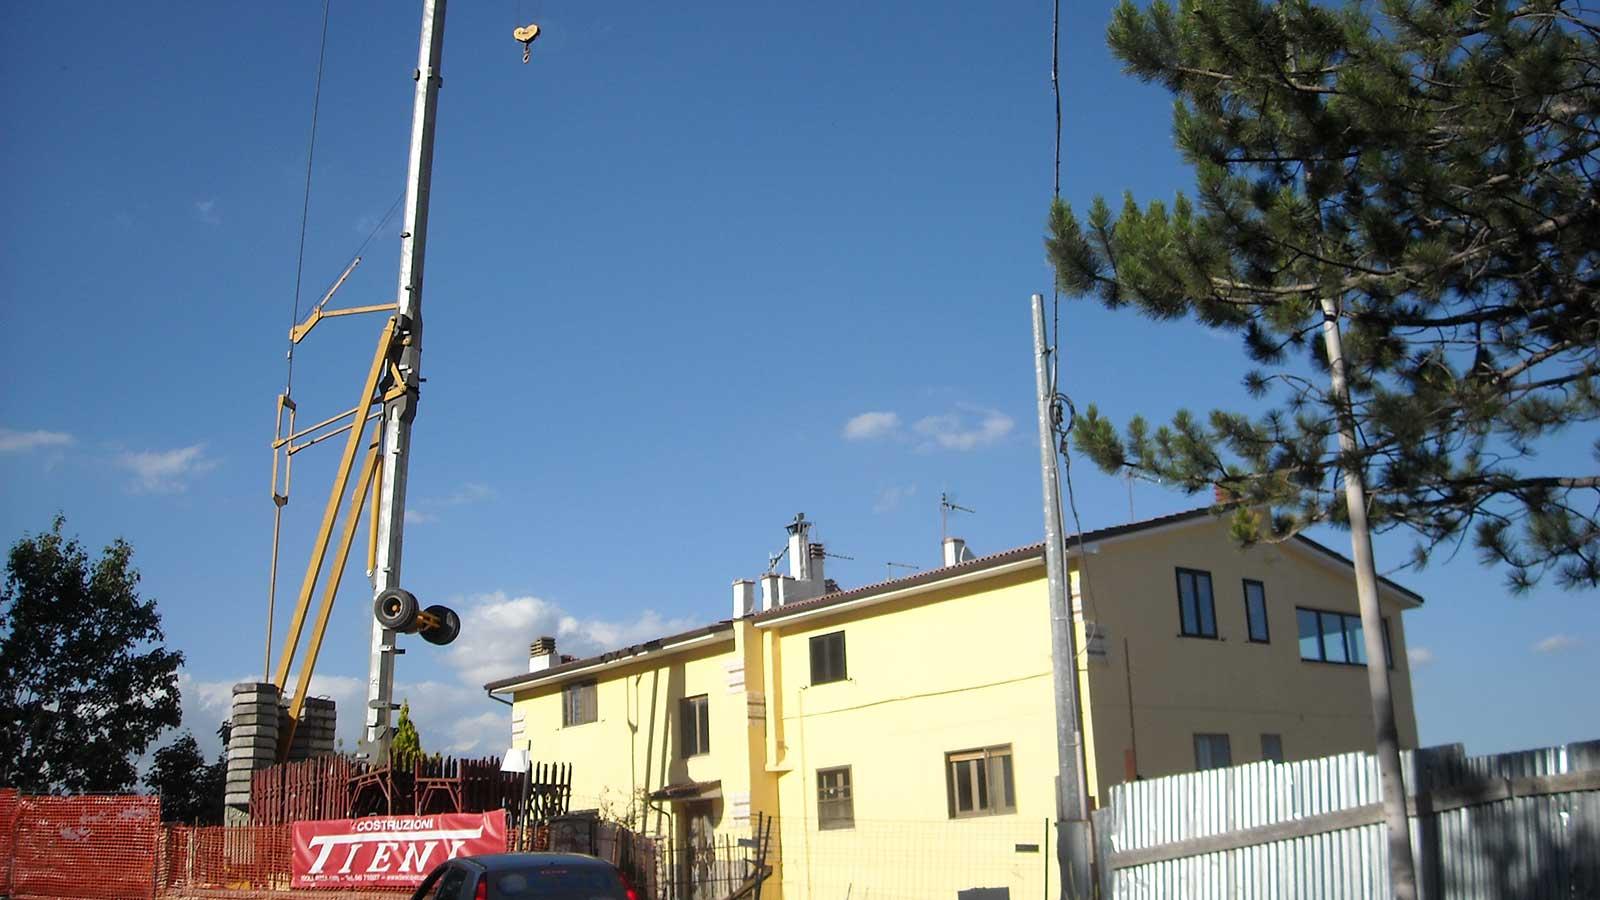 Costruzioni Tieni 1836 Srl | Lavori di intervento per il terremoto dell'Aquila